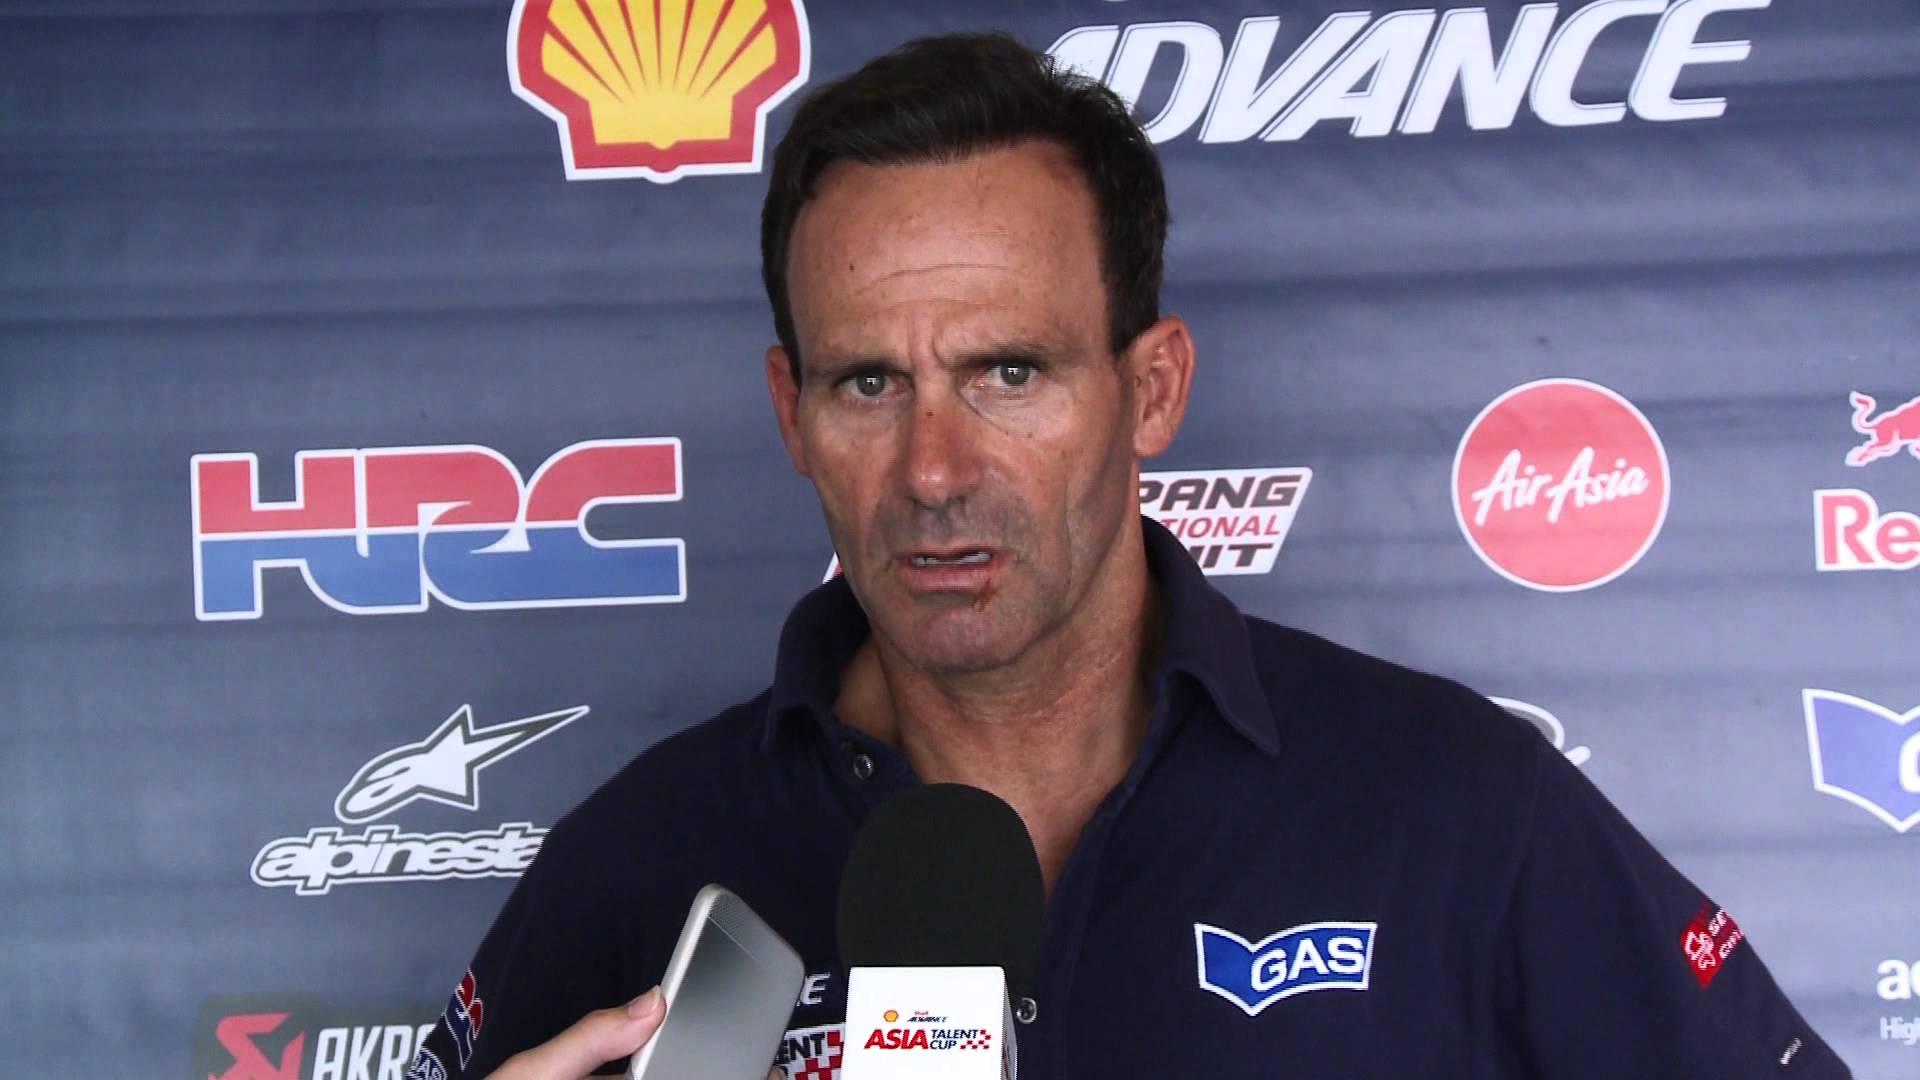 Алберто Пуиг ќе биде новиот тимски менаџер на Repsol Honda